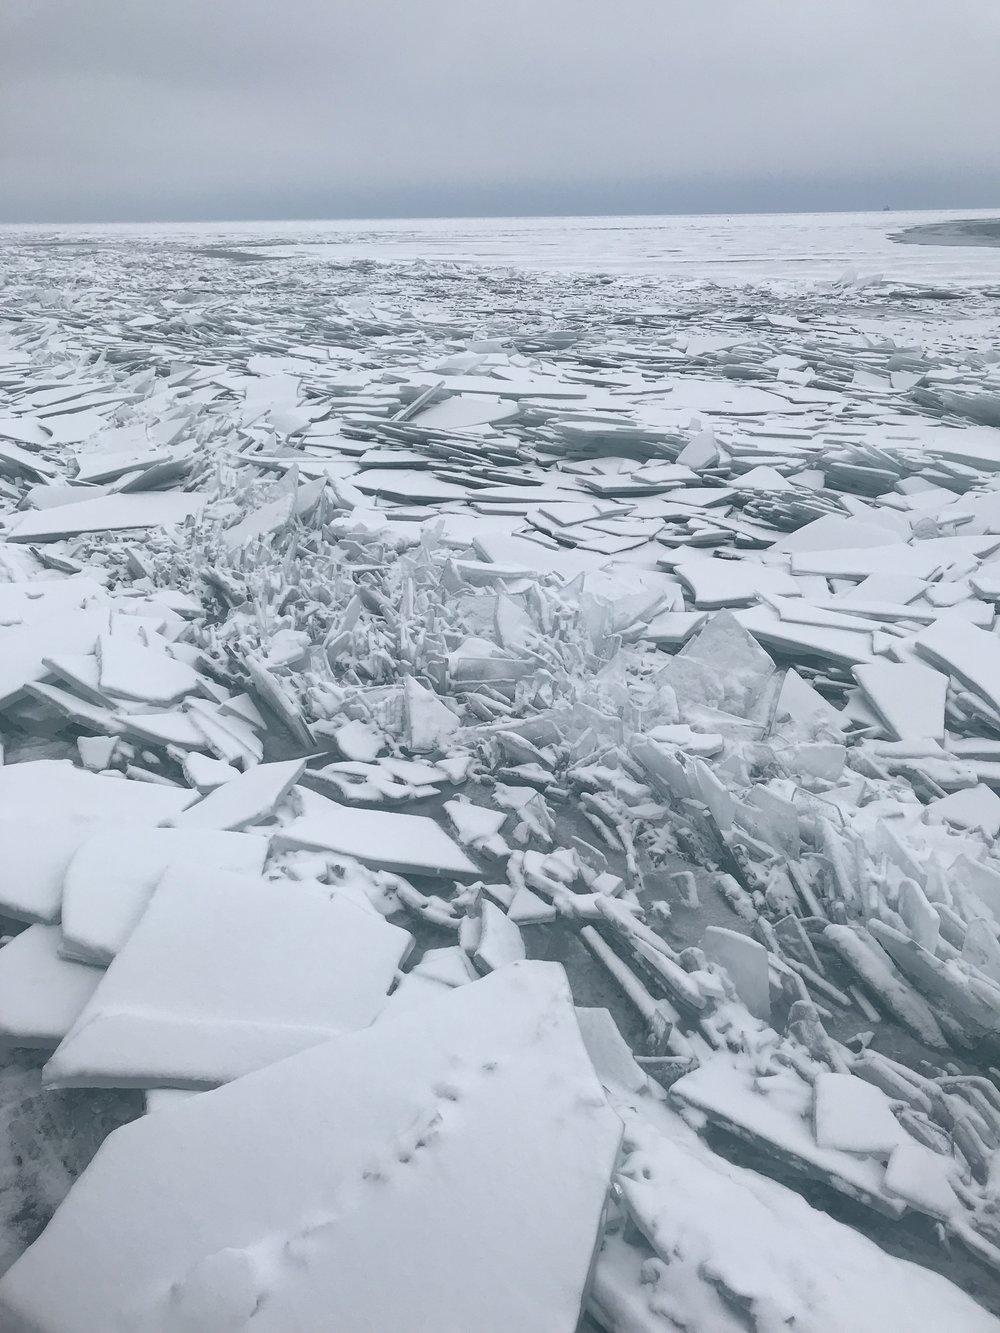 kate lewis art.ice lake photo.jpg